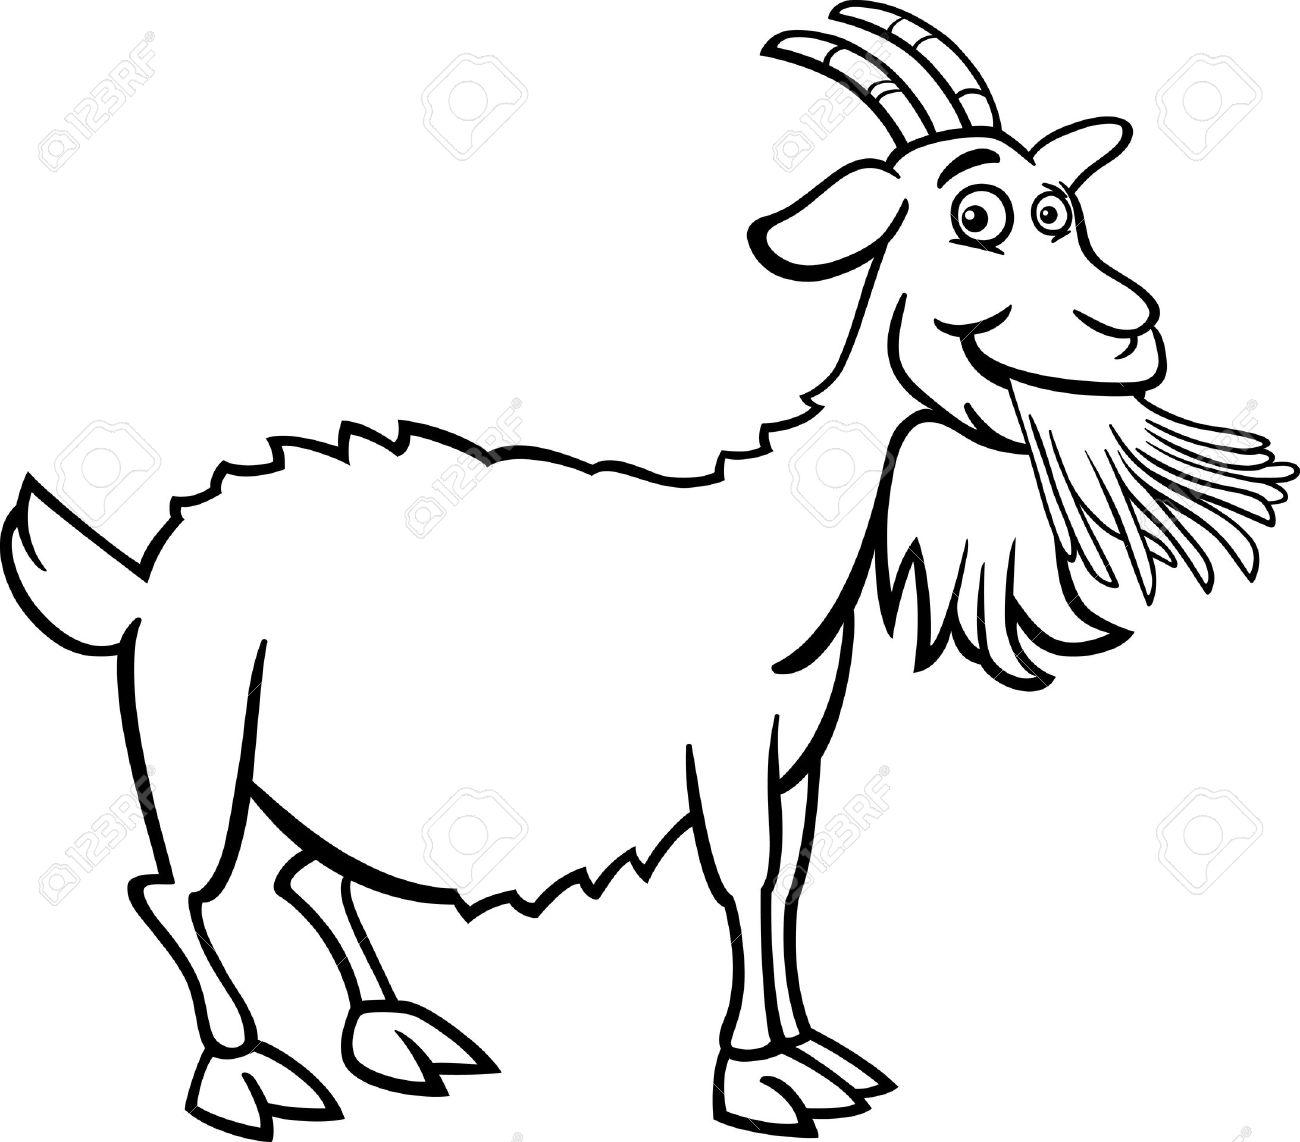 Black And White Cartoon Illustration Von Funny Goat Nutztiere Für